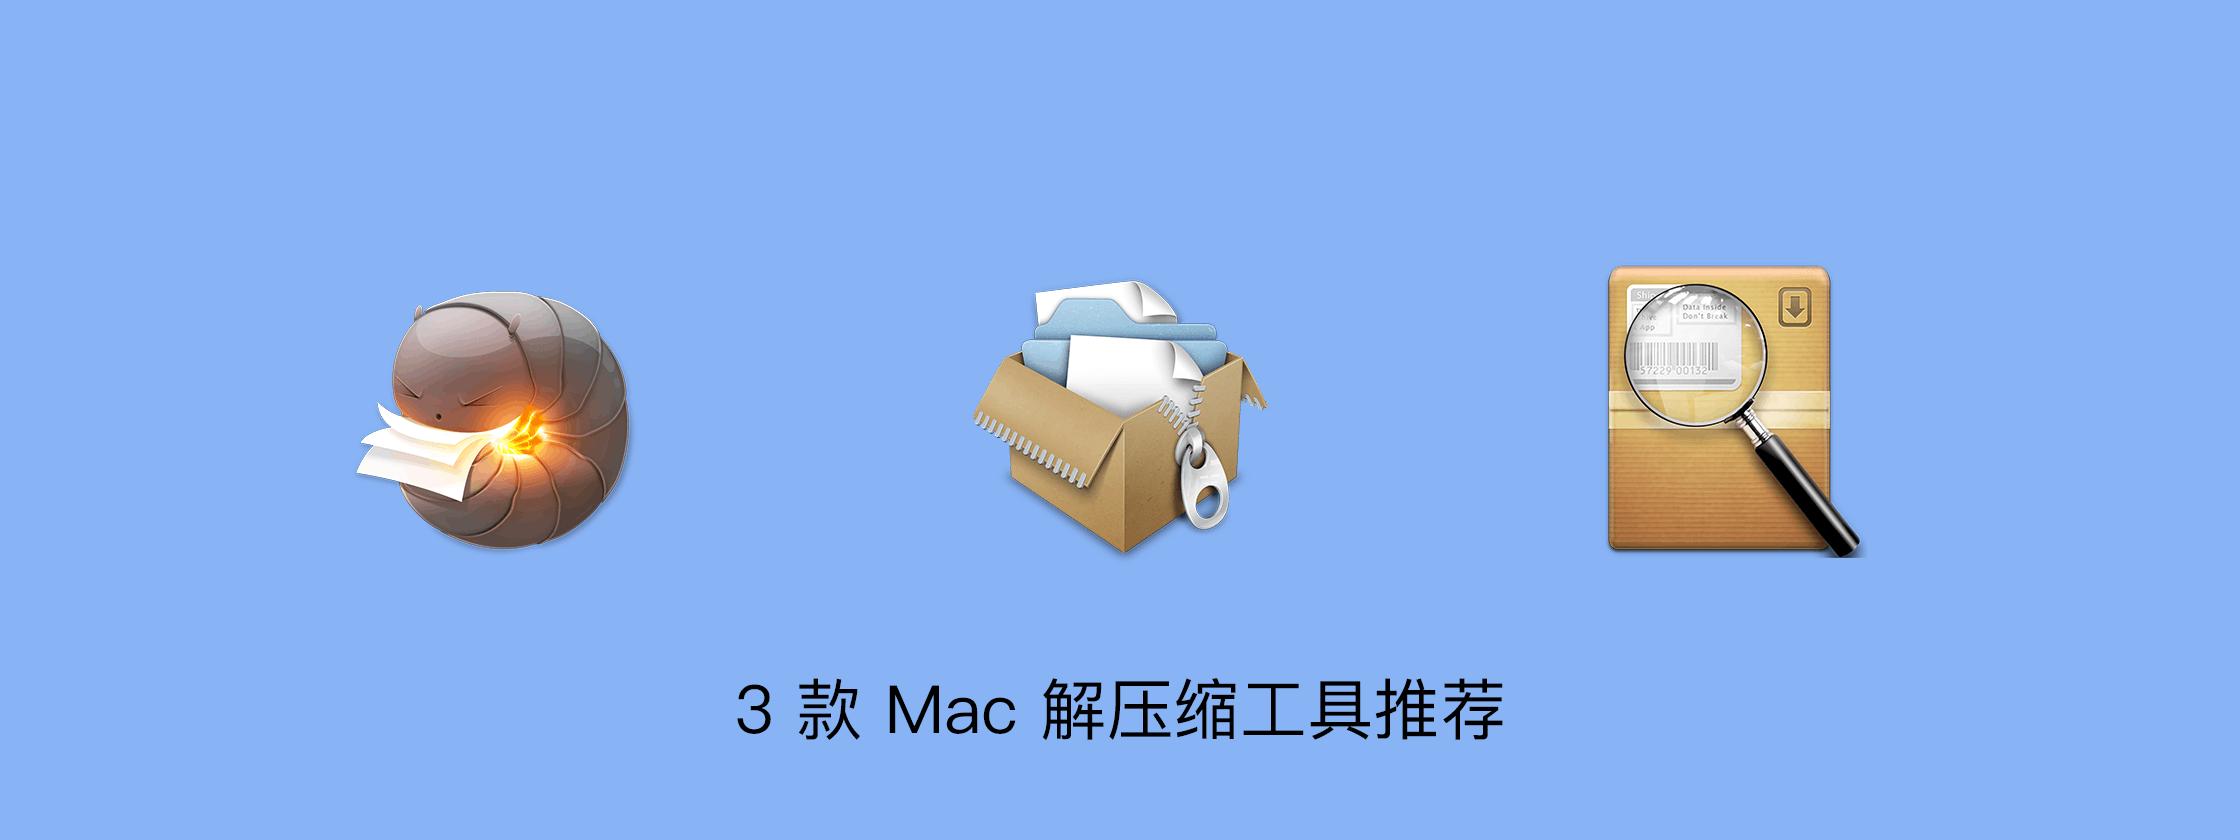 Dr. 系列 Mac 软件遭苹果下架,这里有几款靠谱的替代品